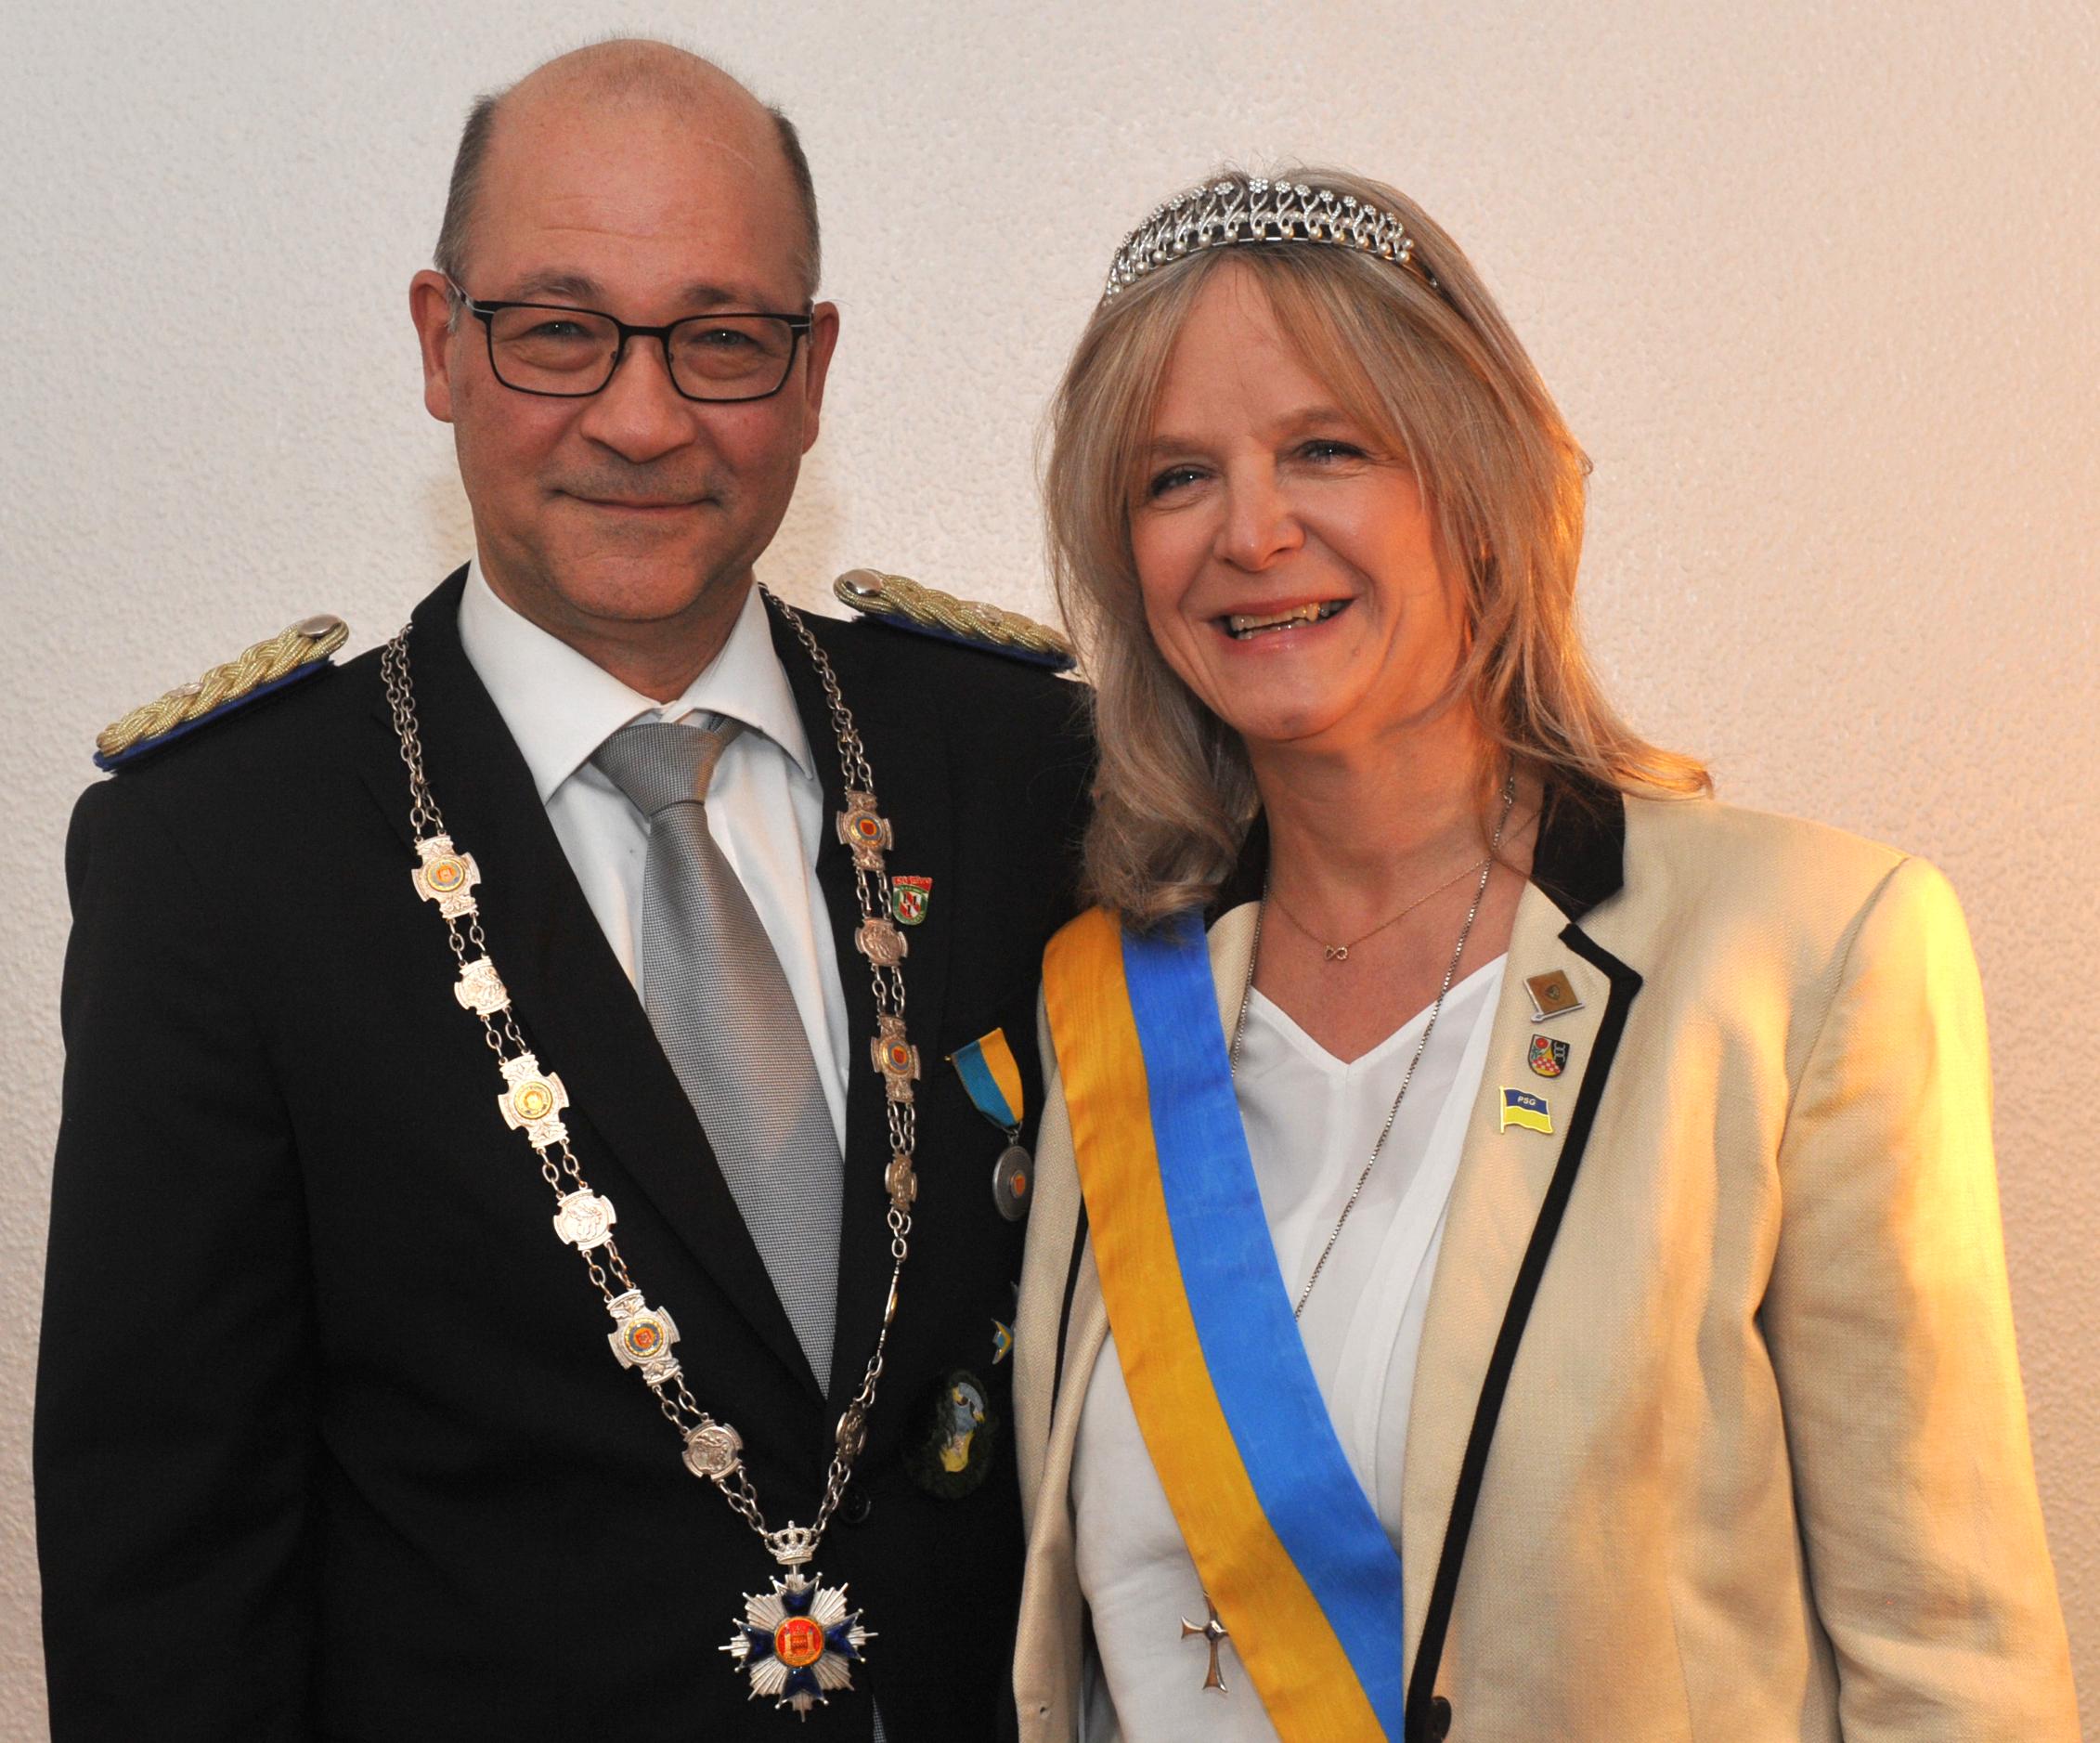 Königspaar Bernhard Schlütter und Sabine Wilmink